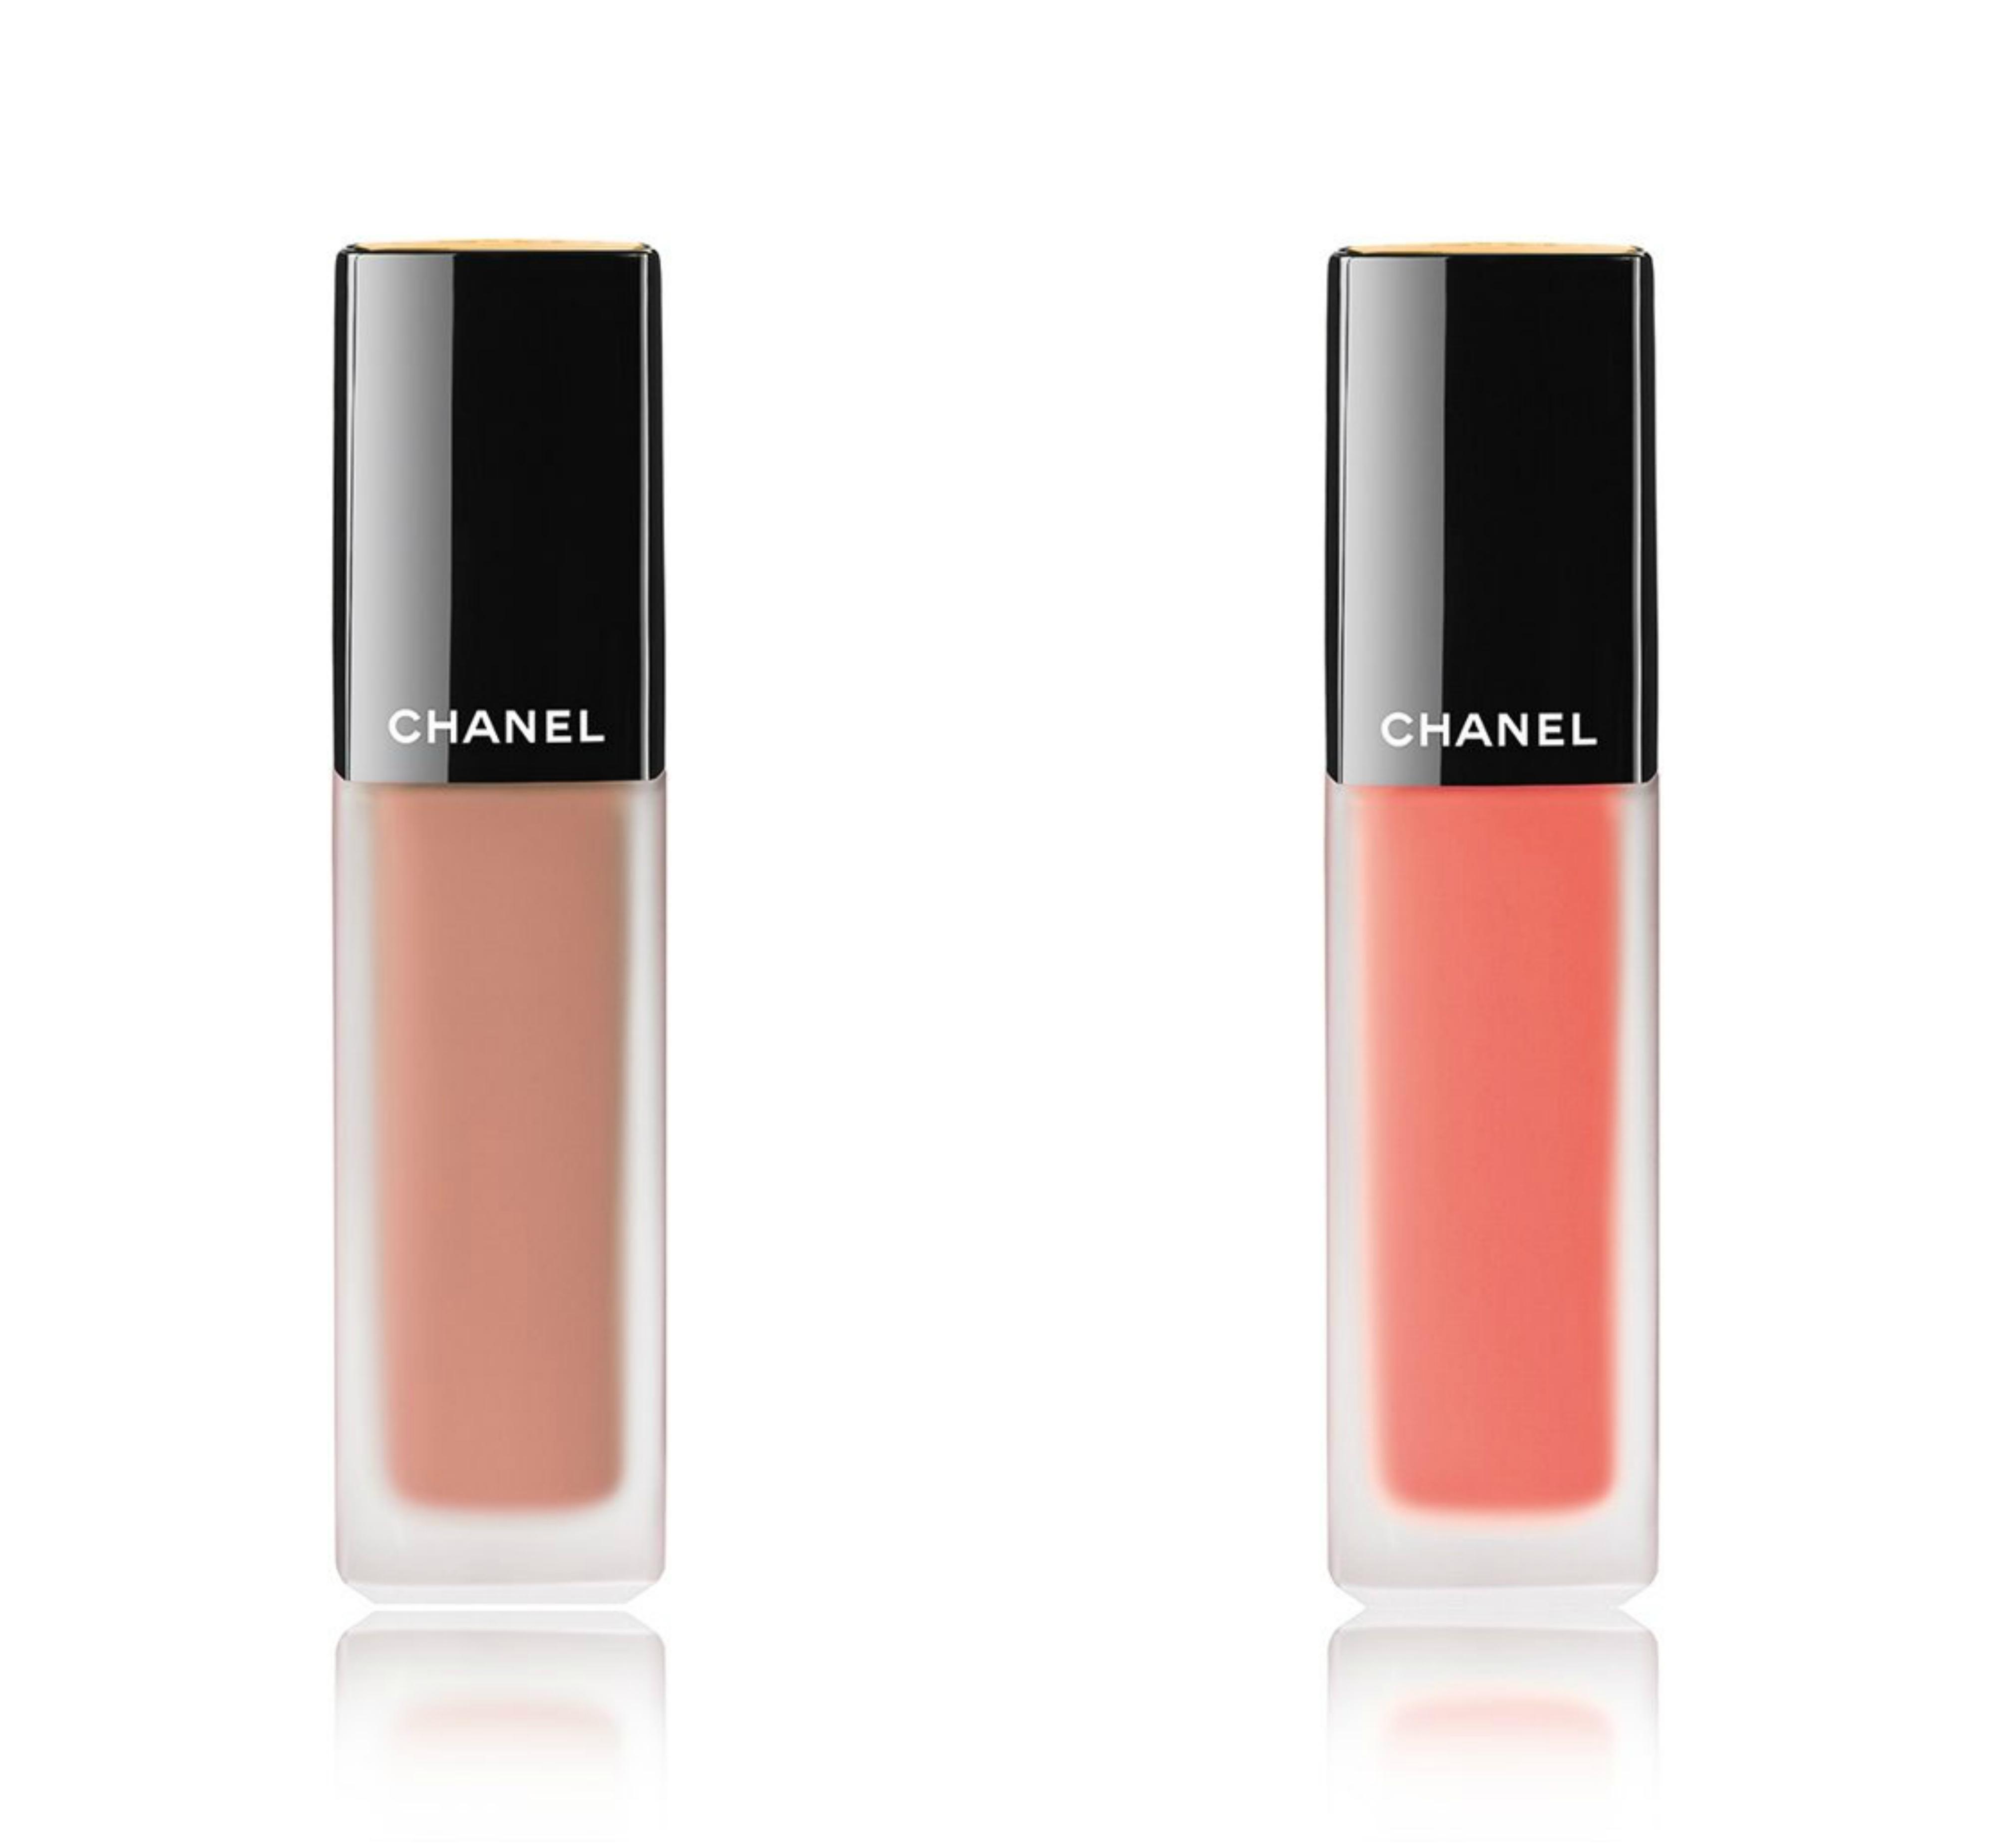 Beauty Shooting: Los colores de un viaje en la piel, cortesía de Chanel - image chanel_vanidad_6 on https://www.vanidad.es